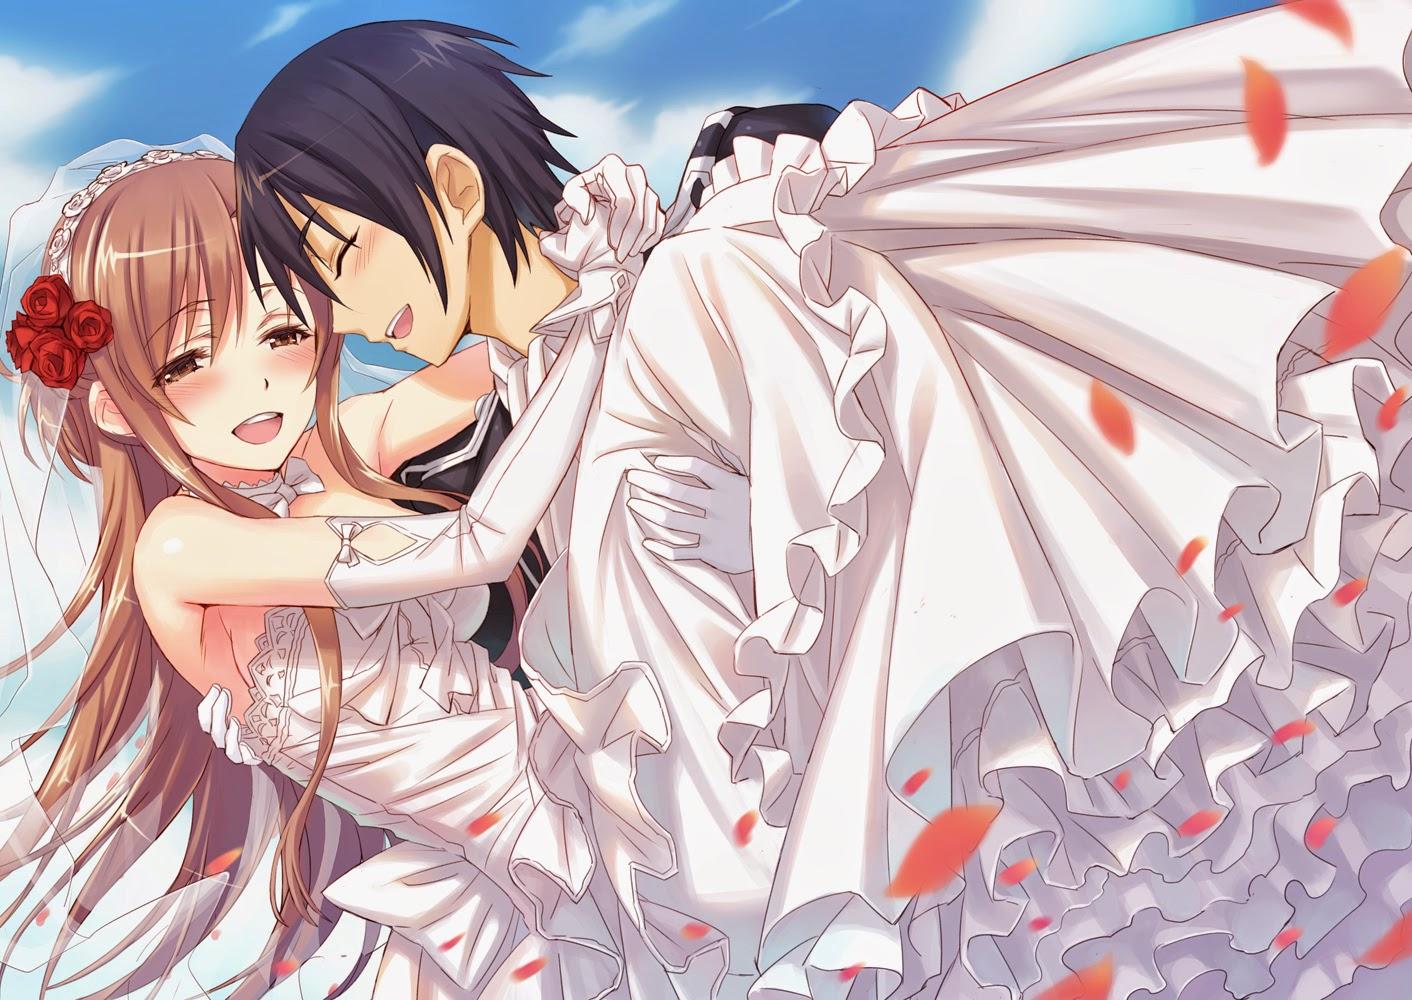 5700 Koleksi Gambar Wallpaper Kartun Korea Romantis Gratis Terbaik